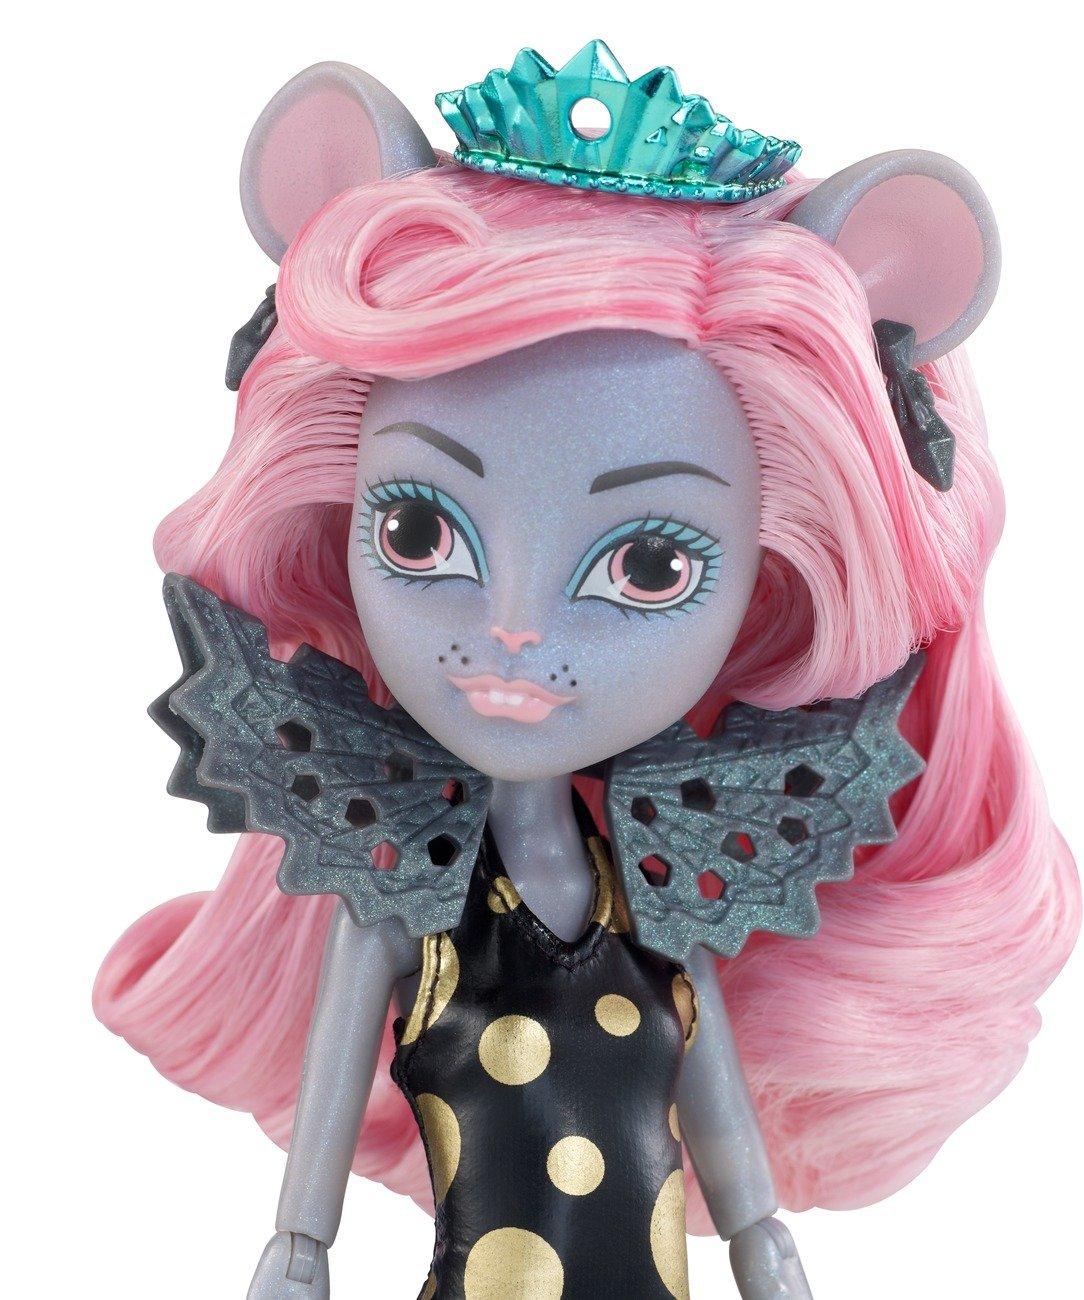 Кукла Mattel Boo York, Boo York кукла elle eedee новые персонажи boo york monster high